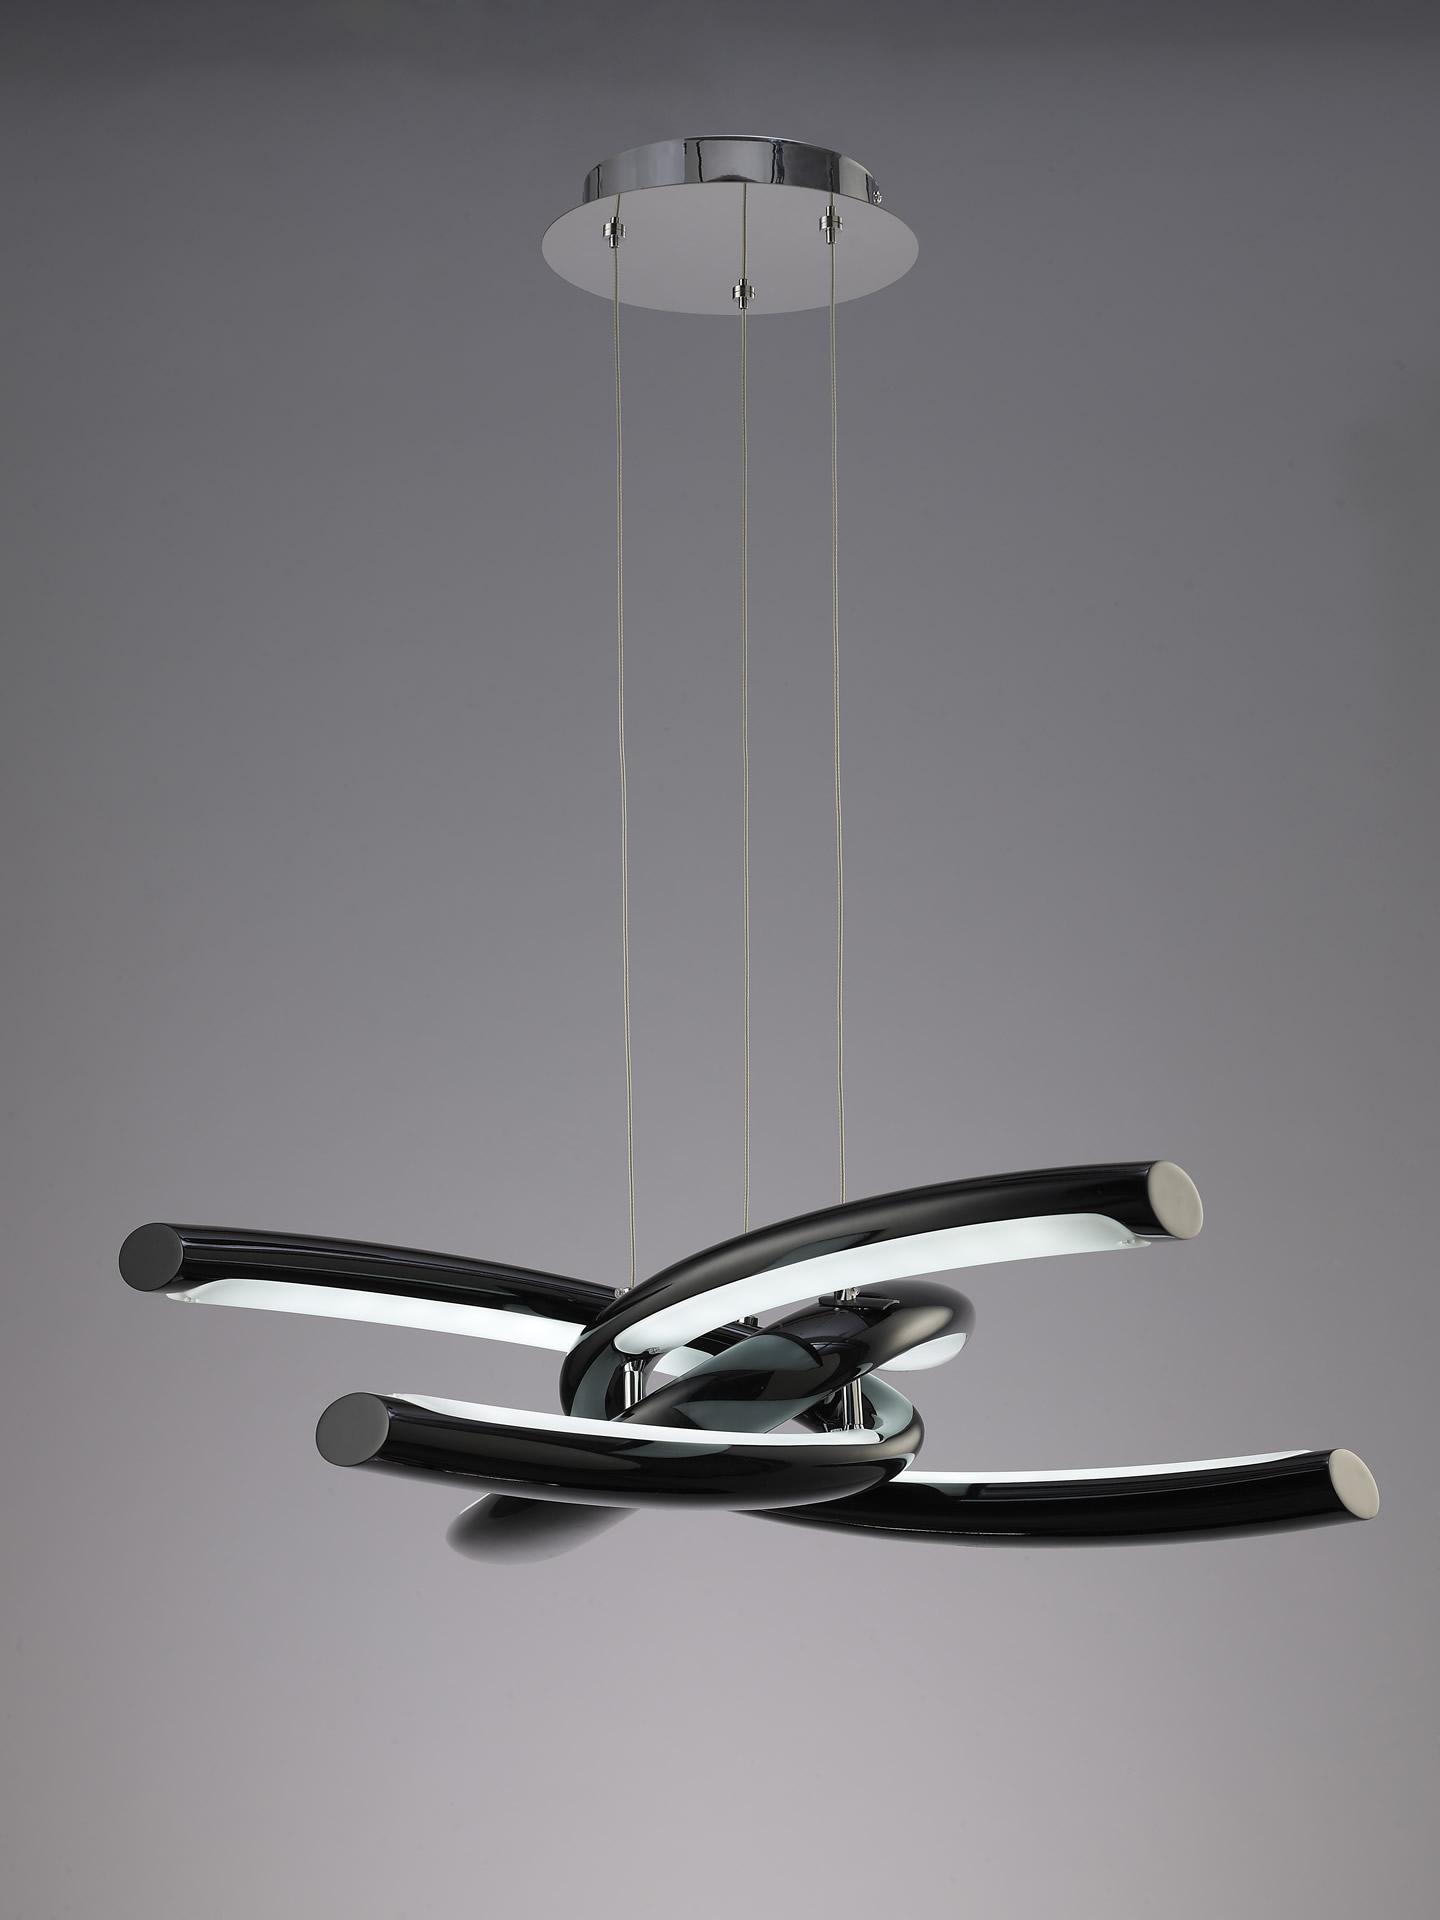 Knot Lamp 6L LED 48w Chrome + Black